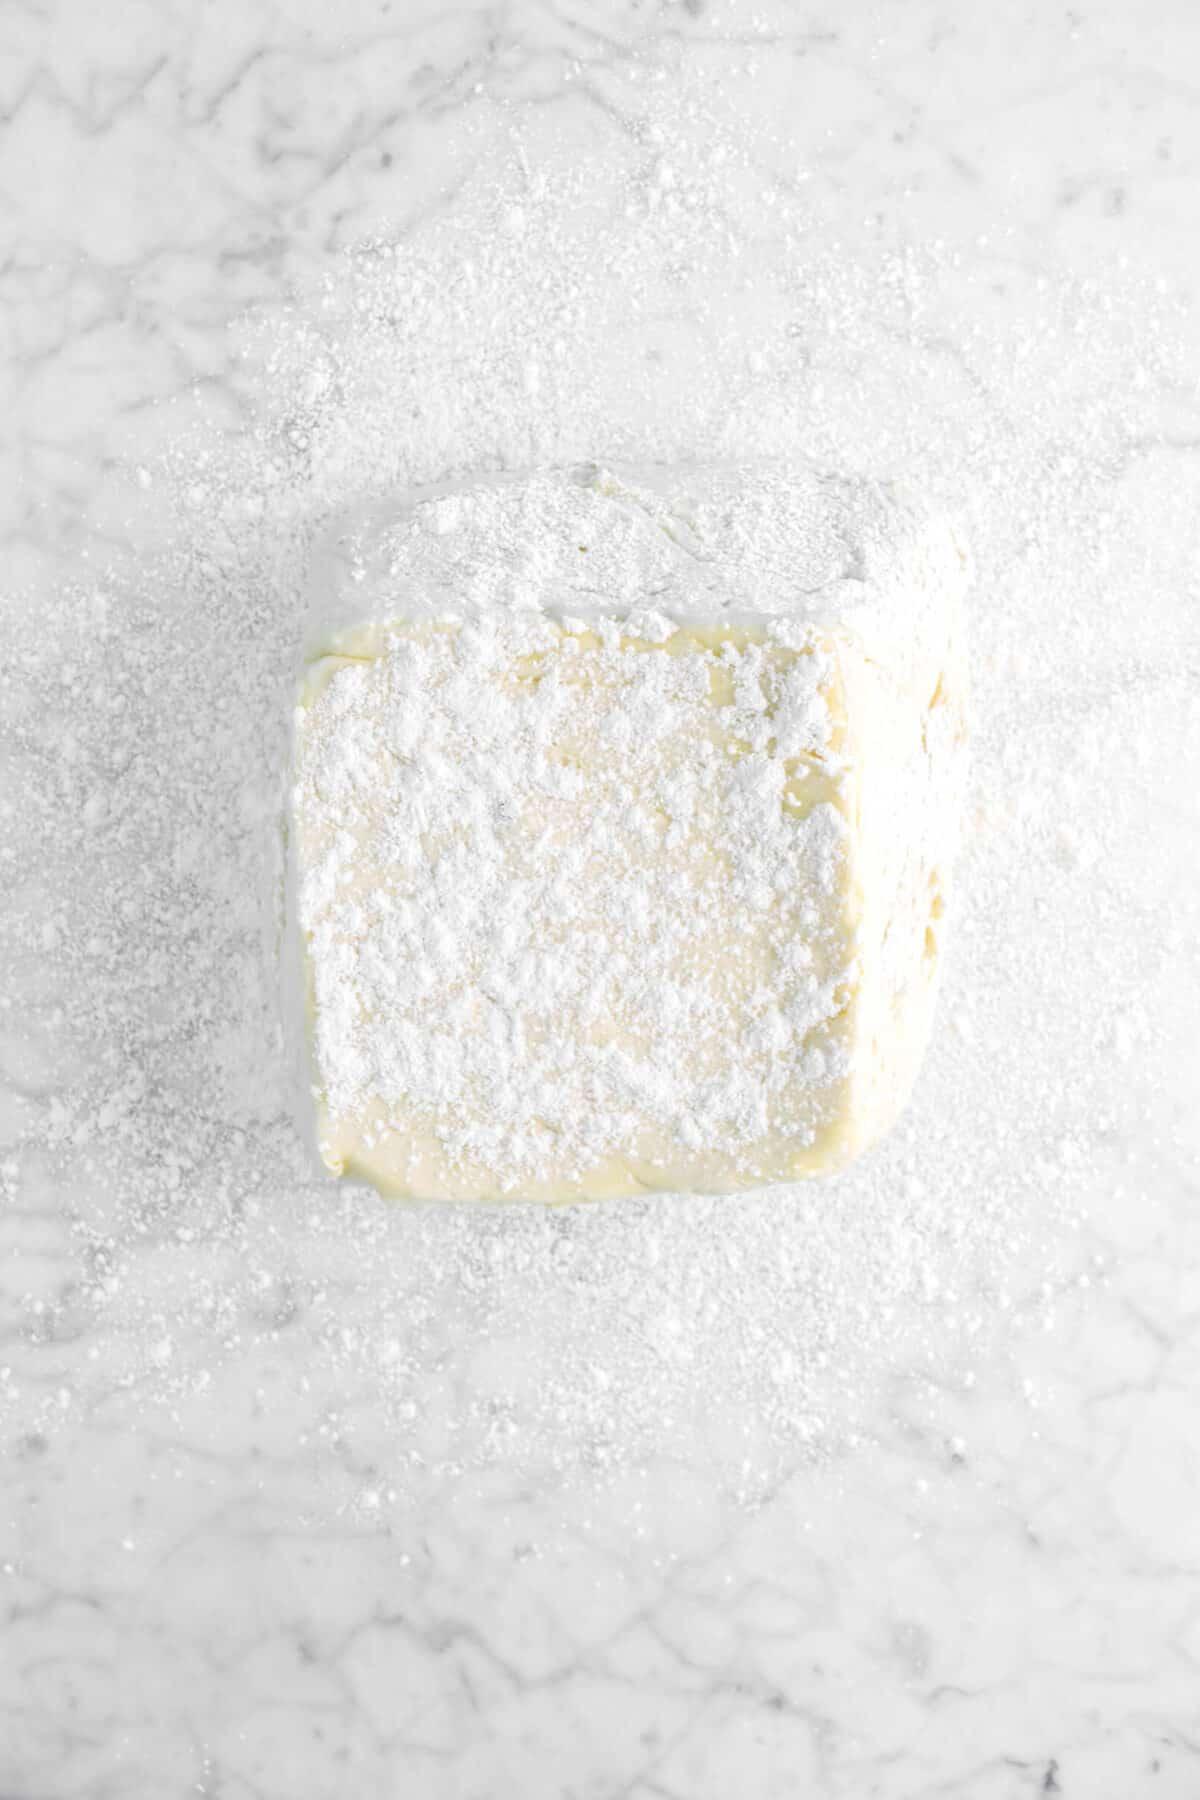 dough on floured surface with flour on top